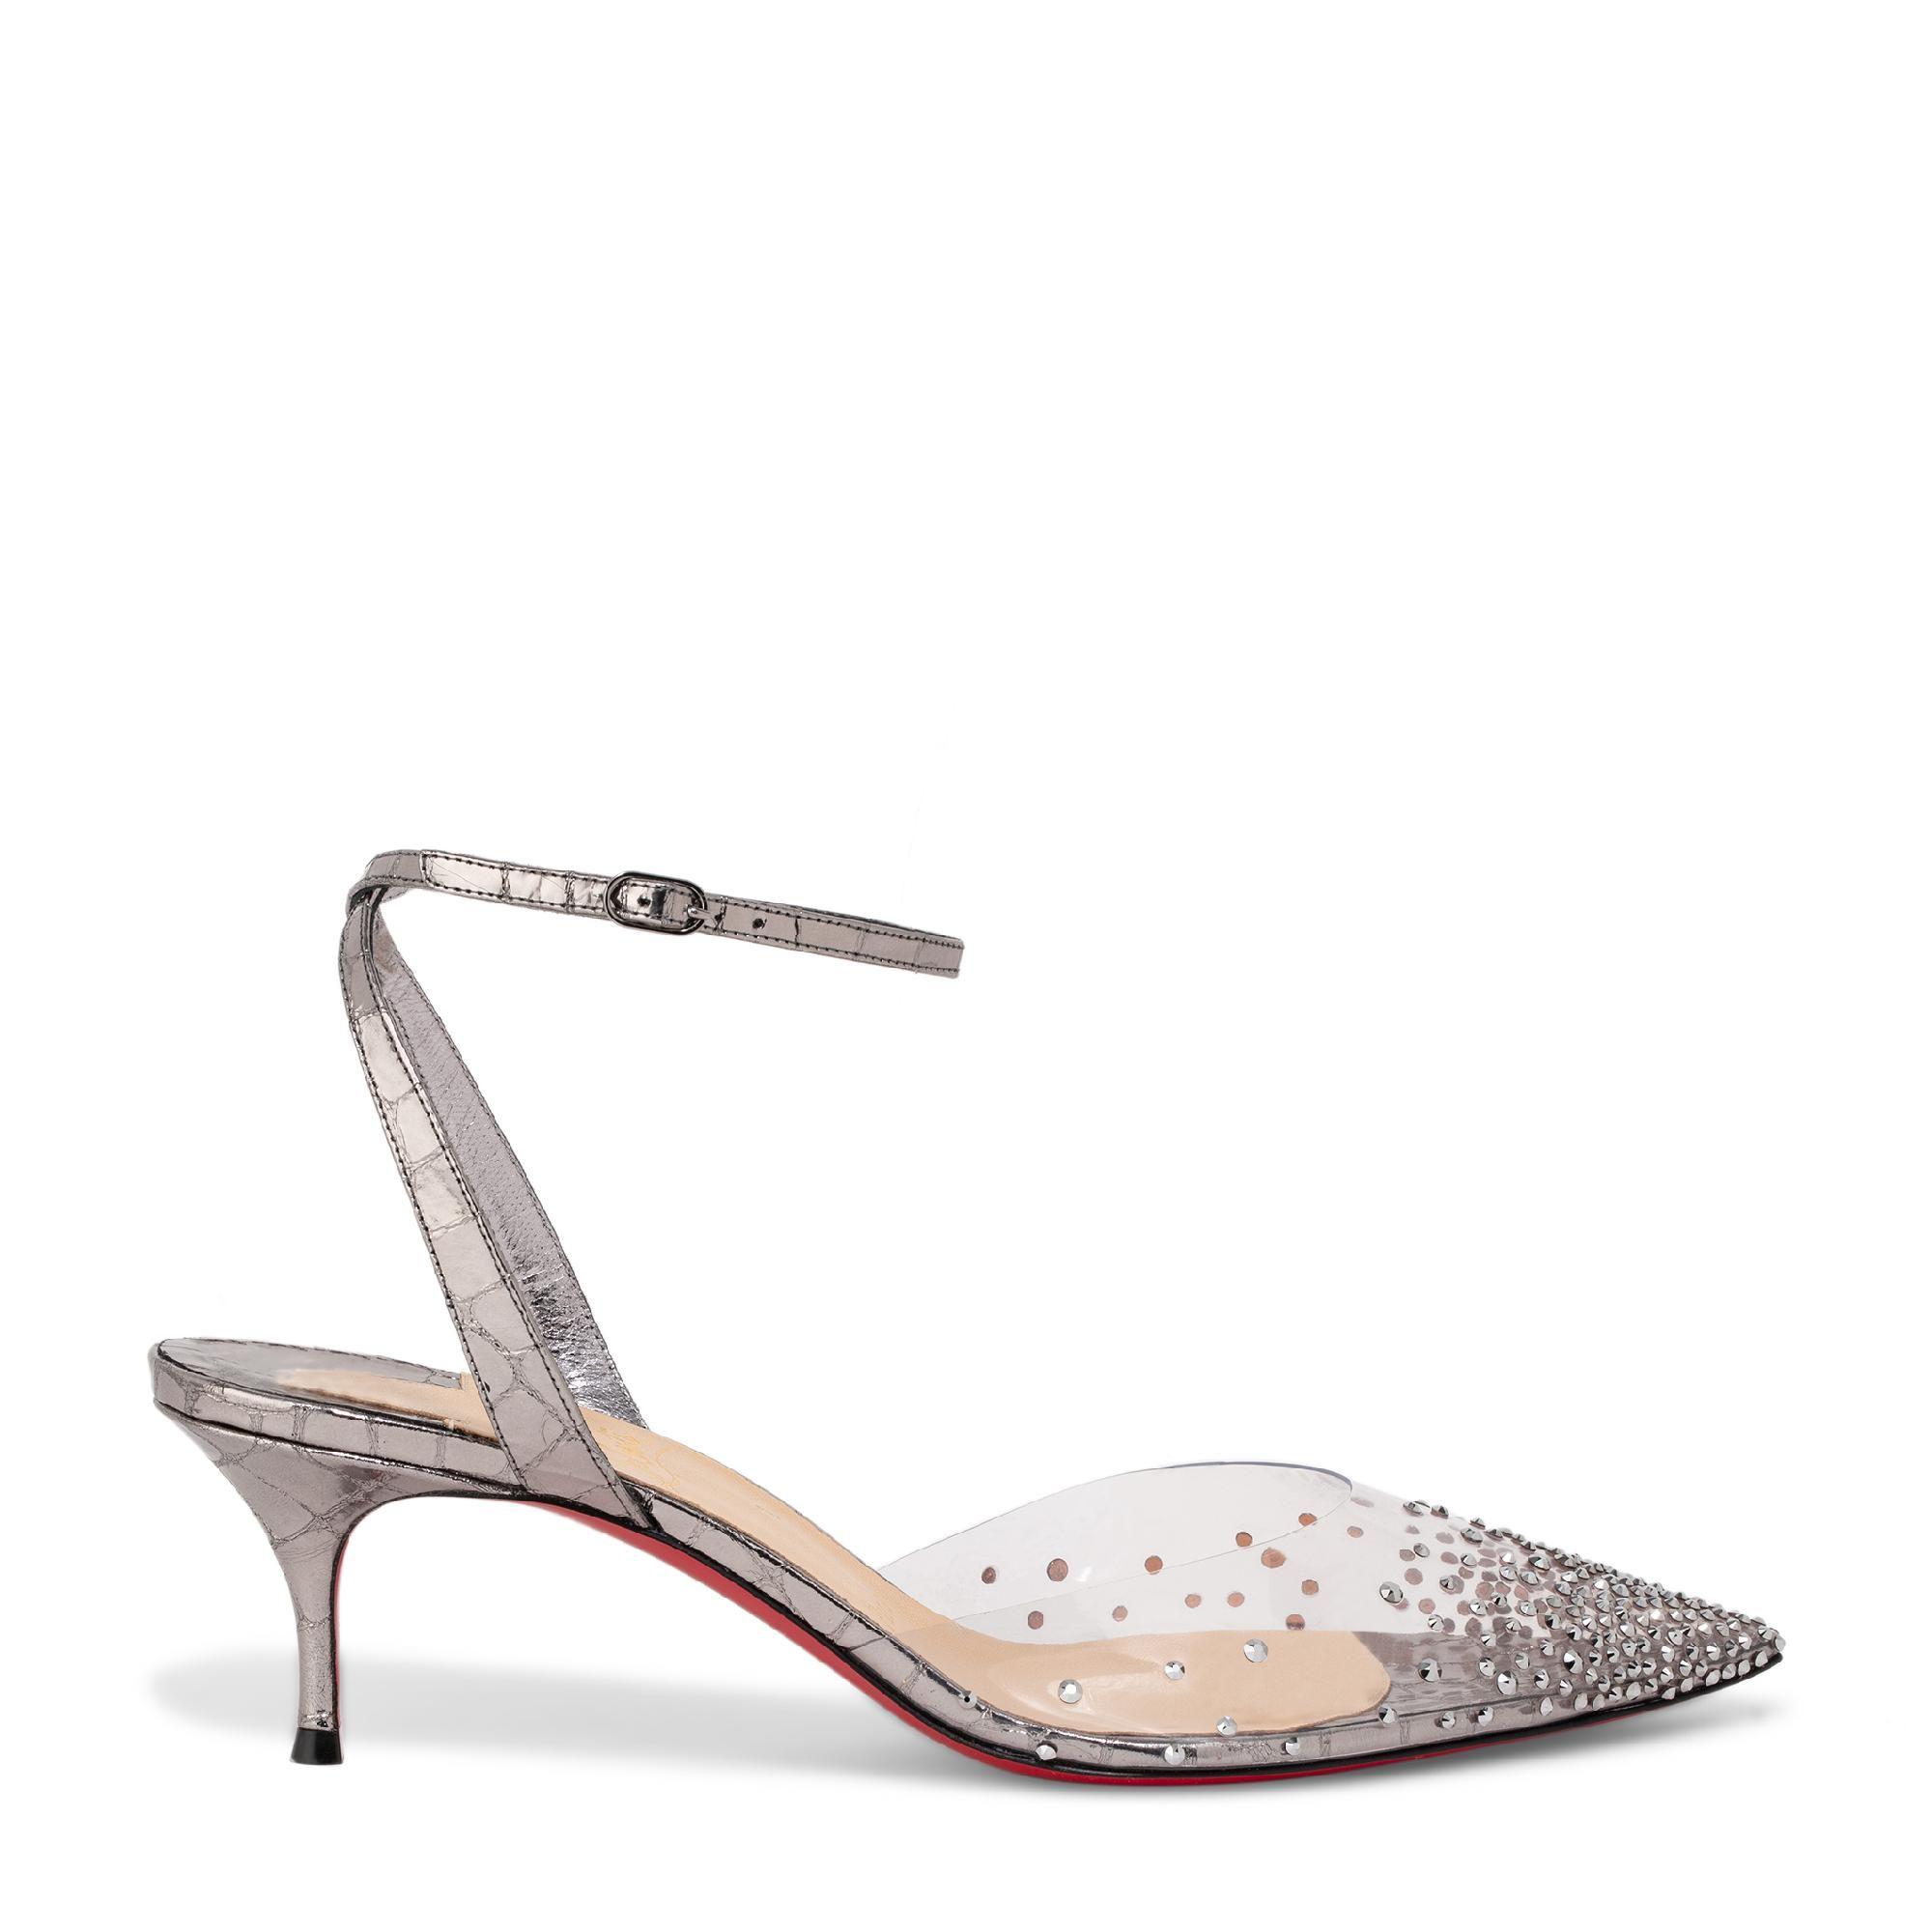 Spikaqueen 55 sandals